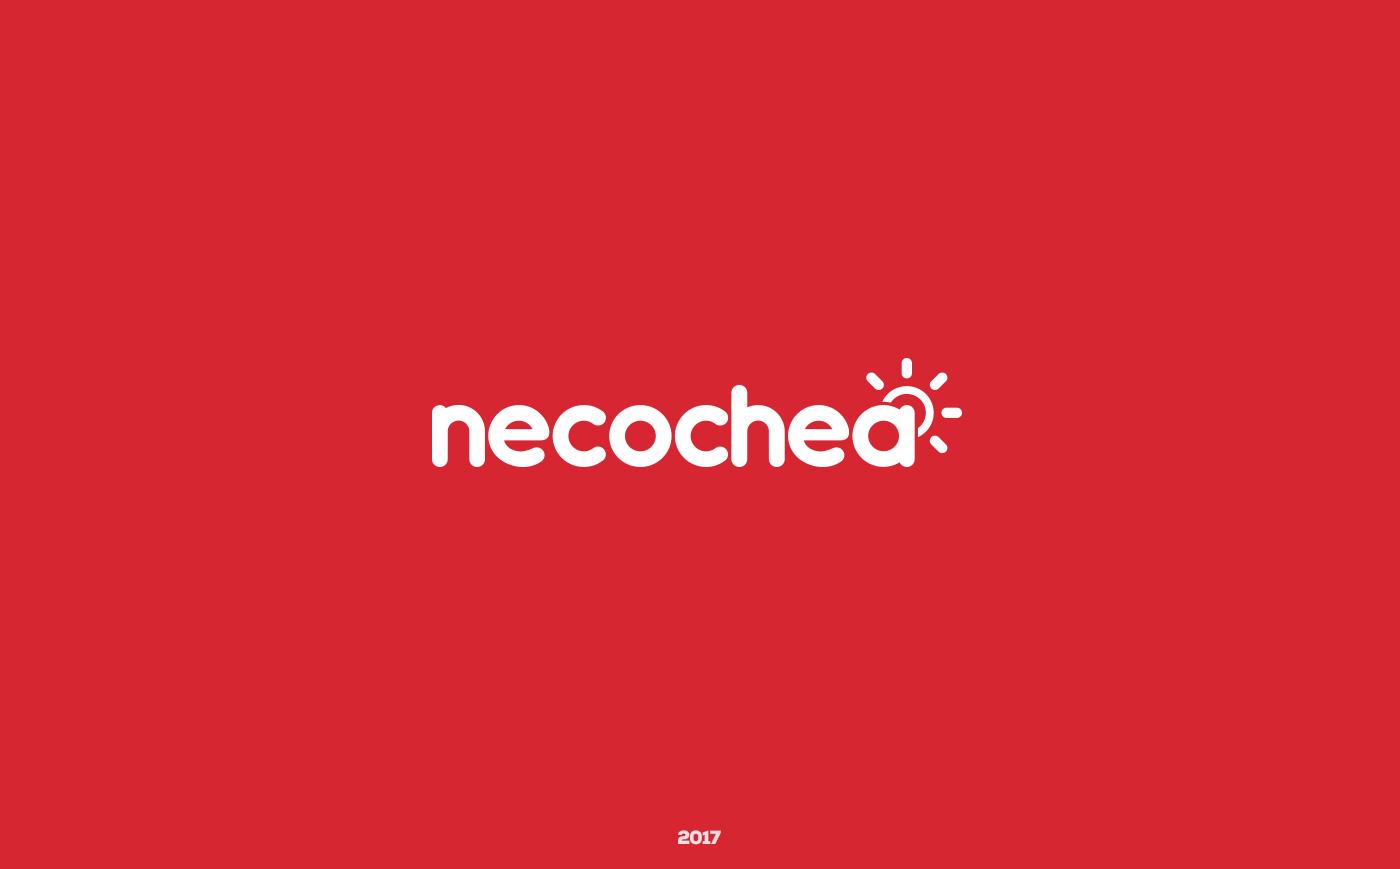 NECOCHEA-IDENTIDAD-2017-KUCHA-03